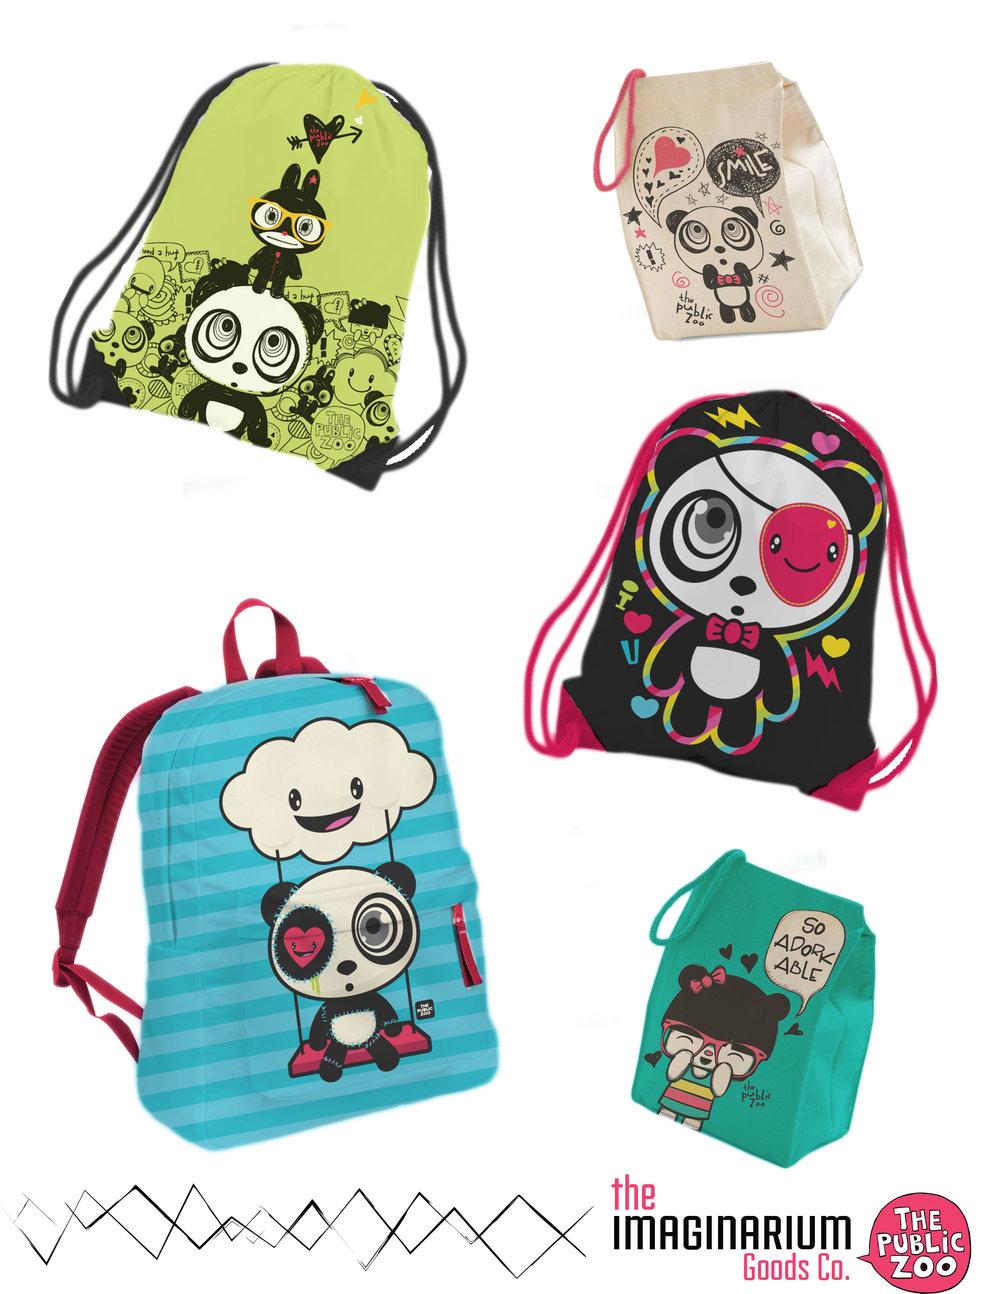 Public-Zoo-Bags-1.jpg